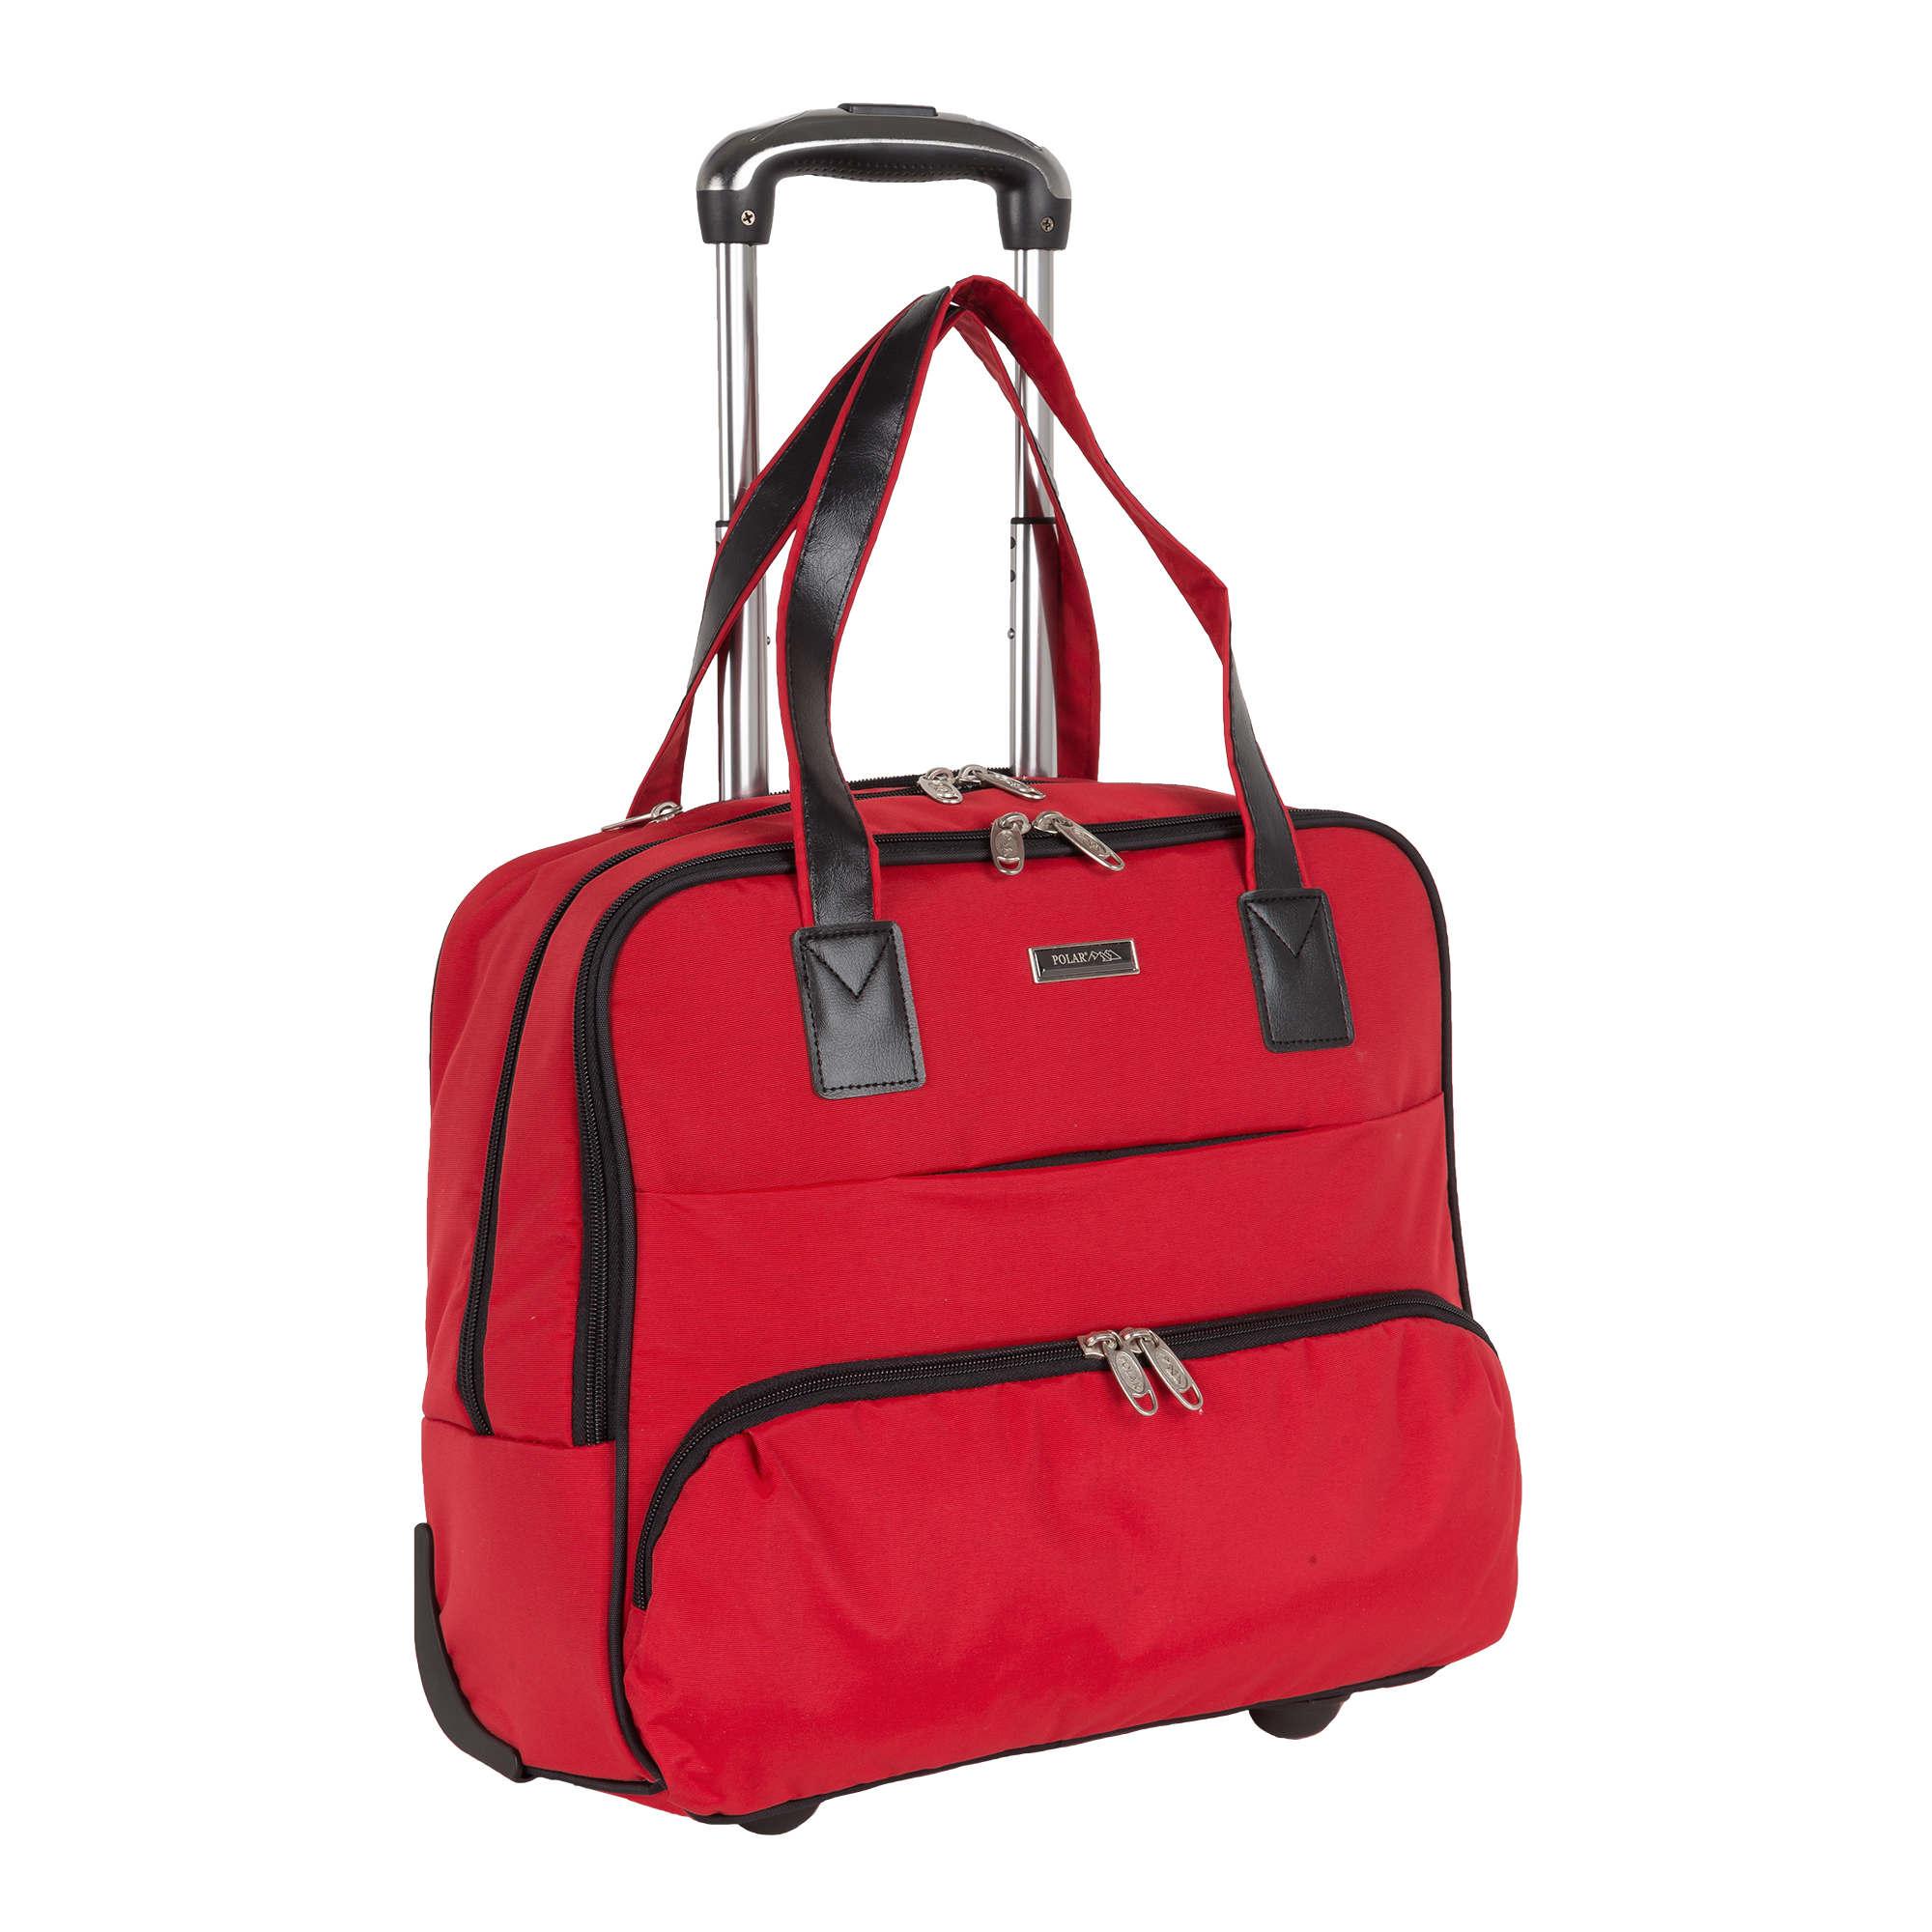 Лучшие дорожные сумки с выдвижной ручкой на колесах для ручной клади